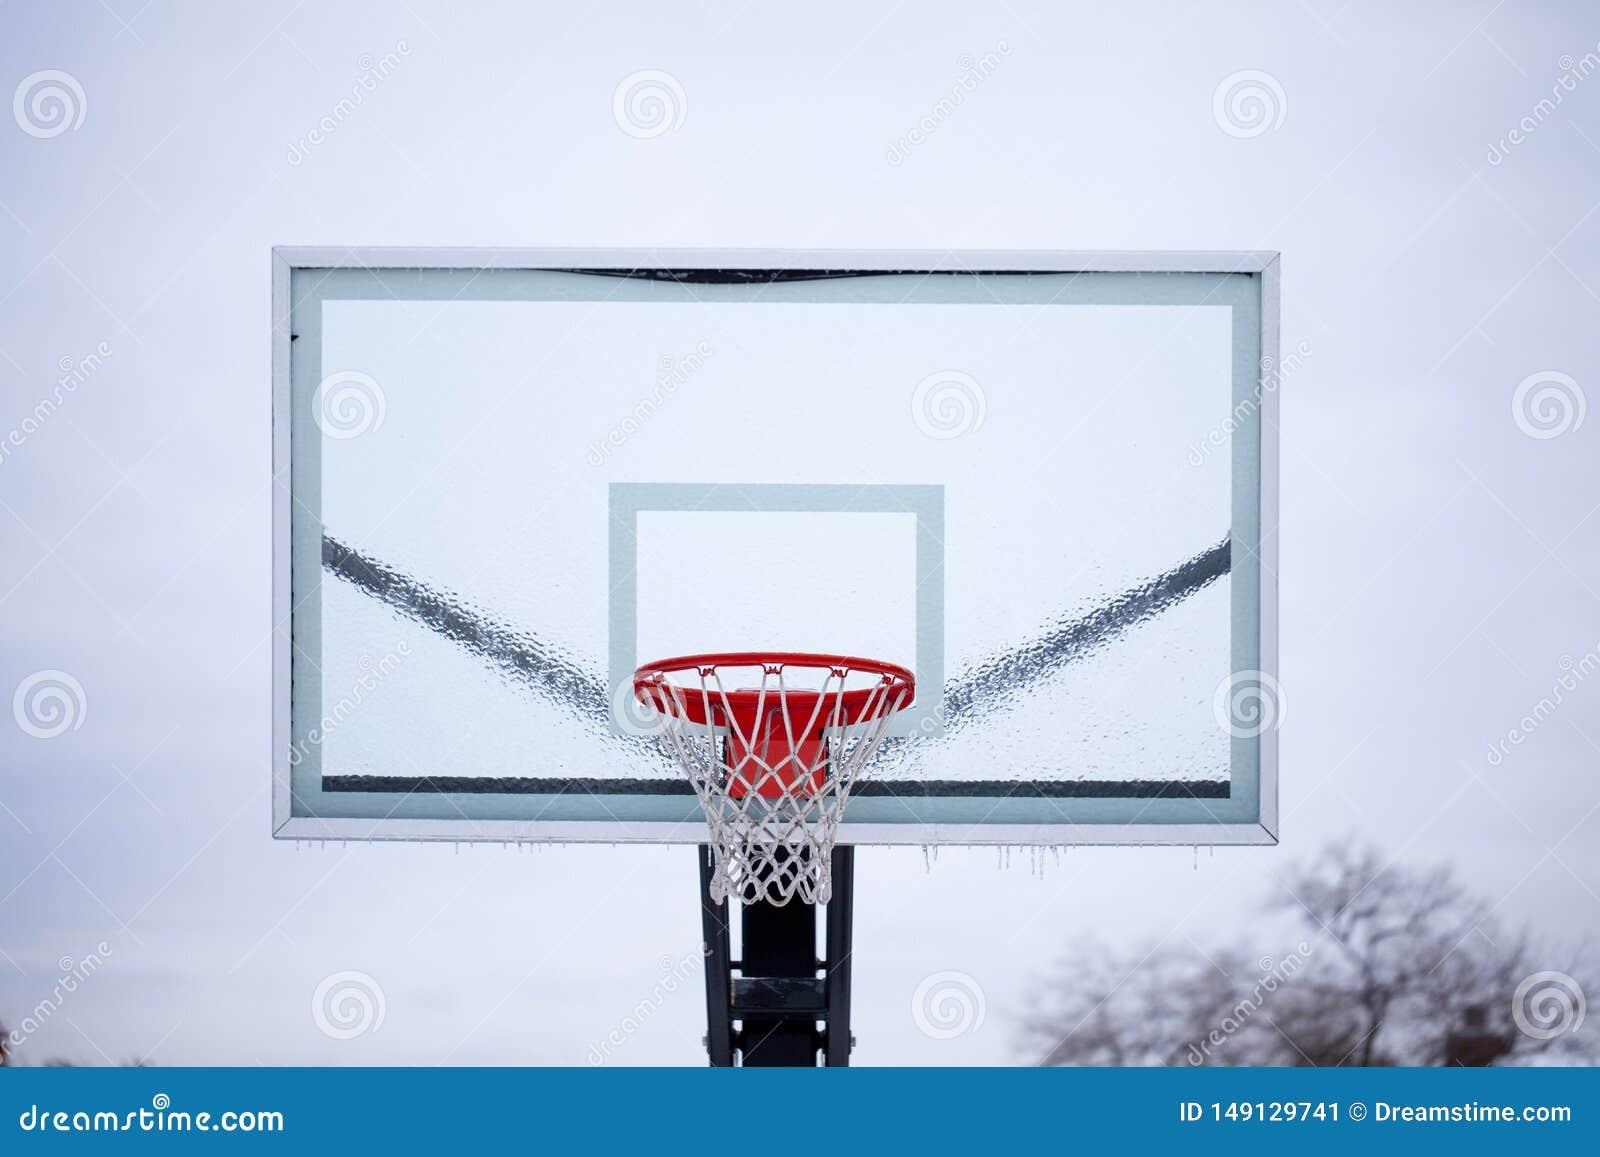 冰篮球档板